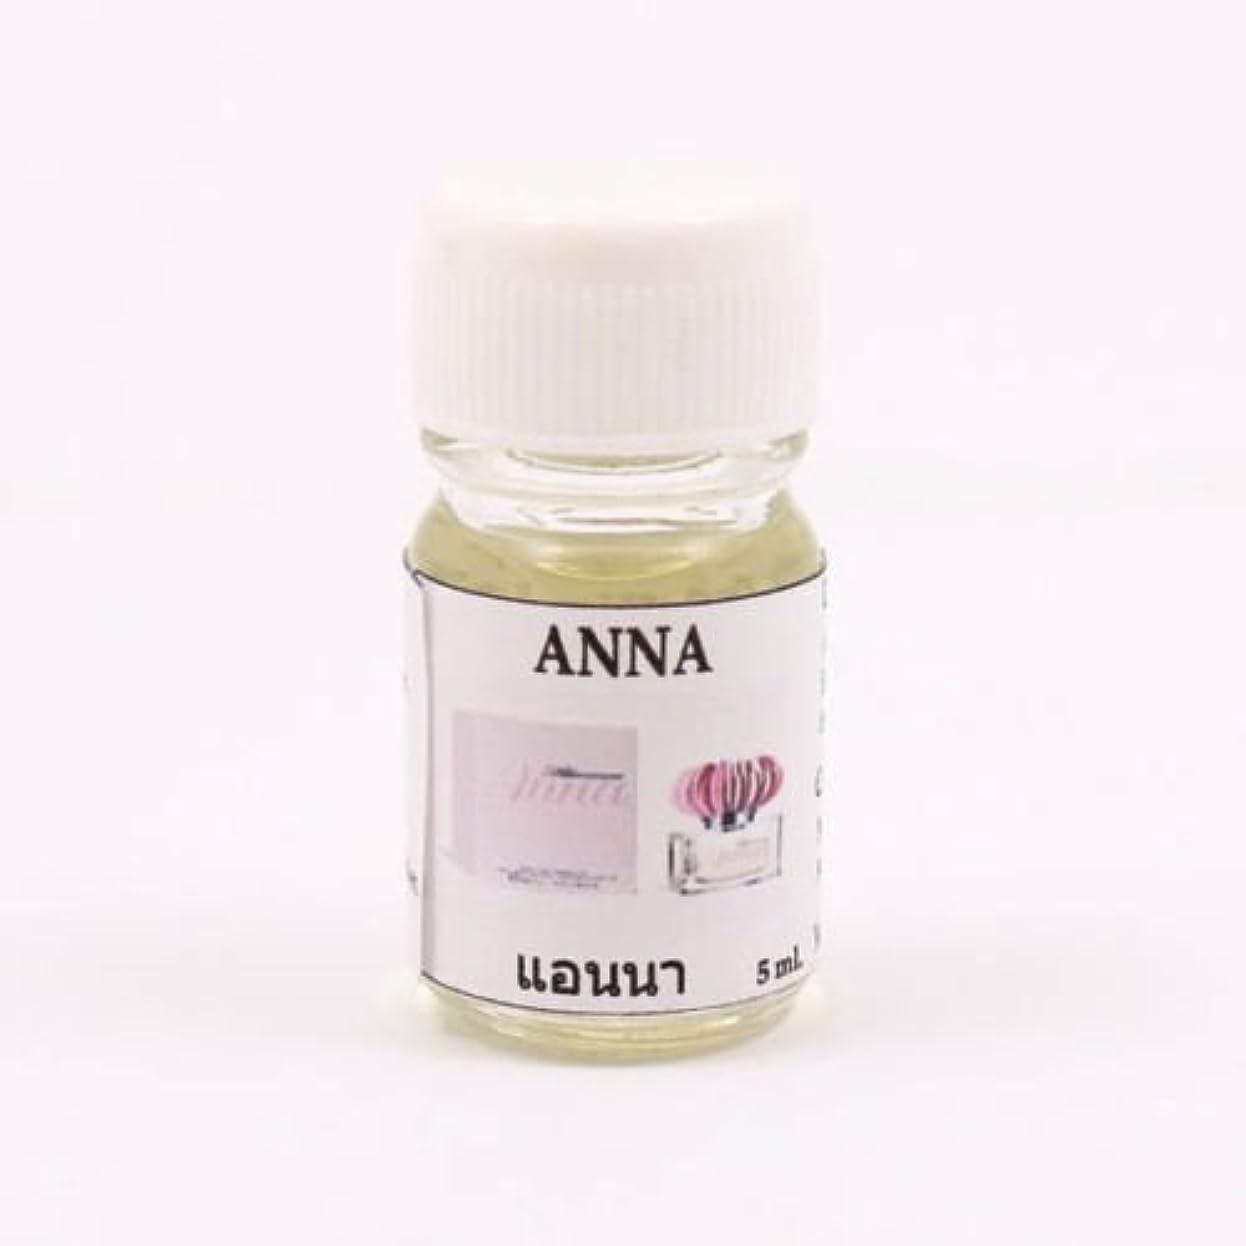 影響するうめき安らぎ6X Anna Aroma Fragrance Essential Oil 5ML. (cc) Diffuser Burner Therapy